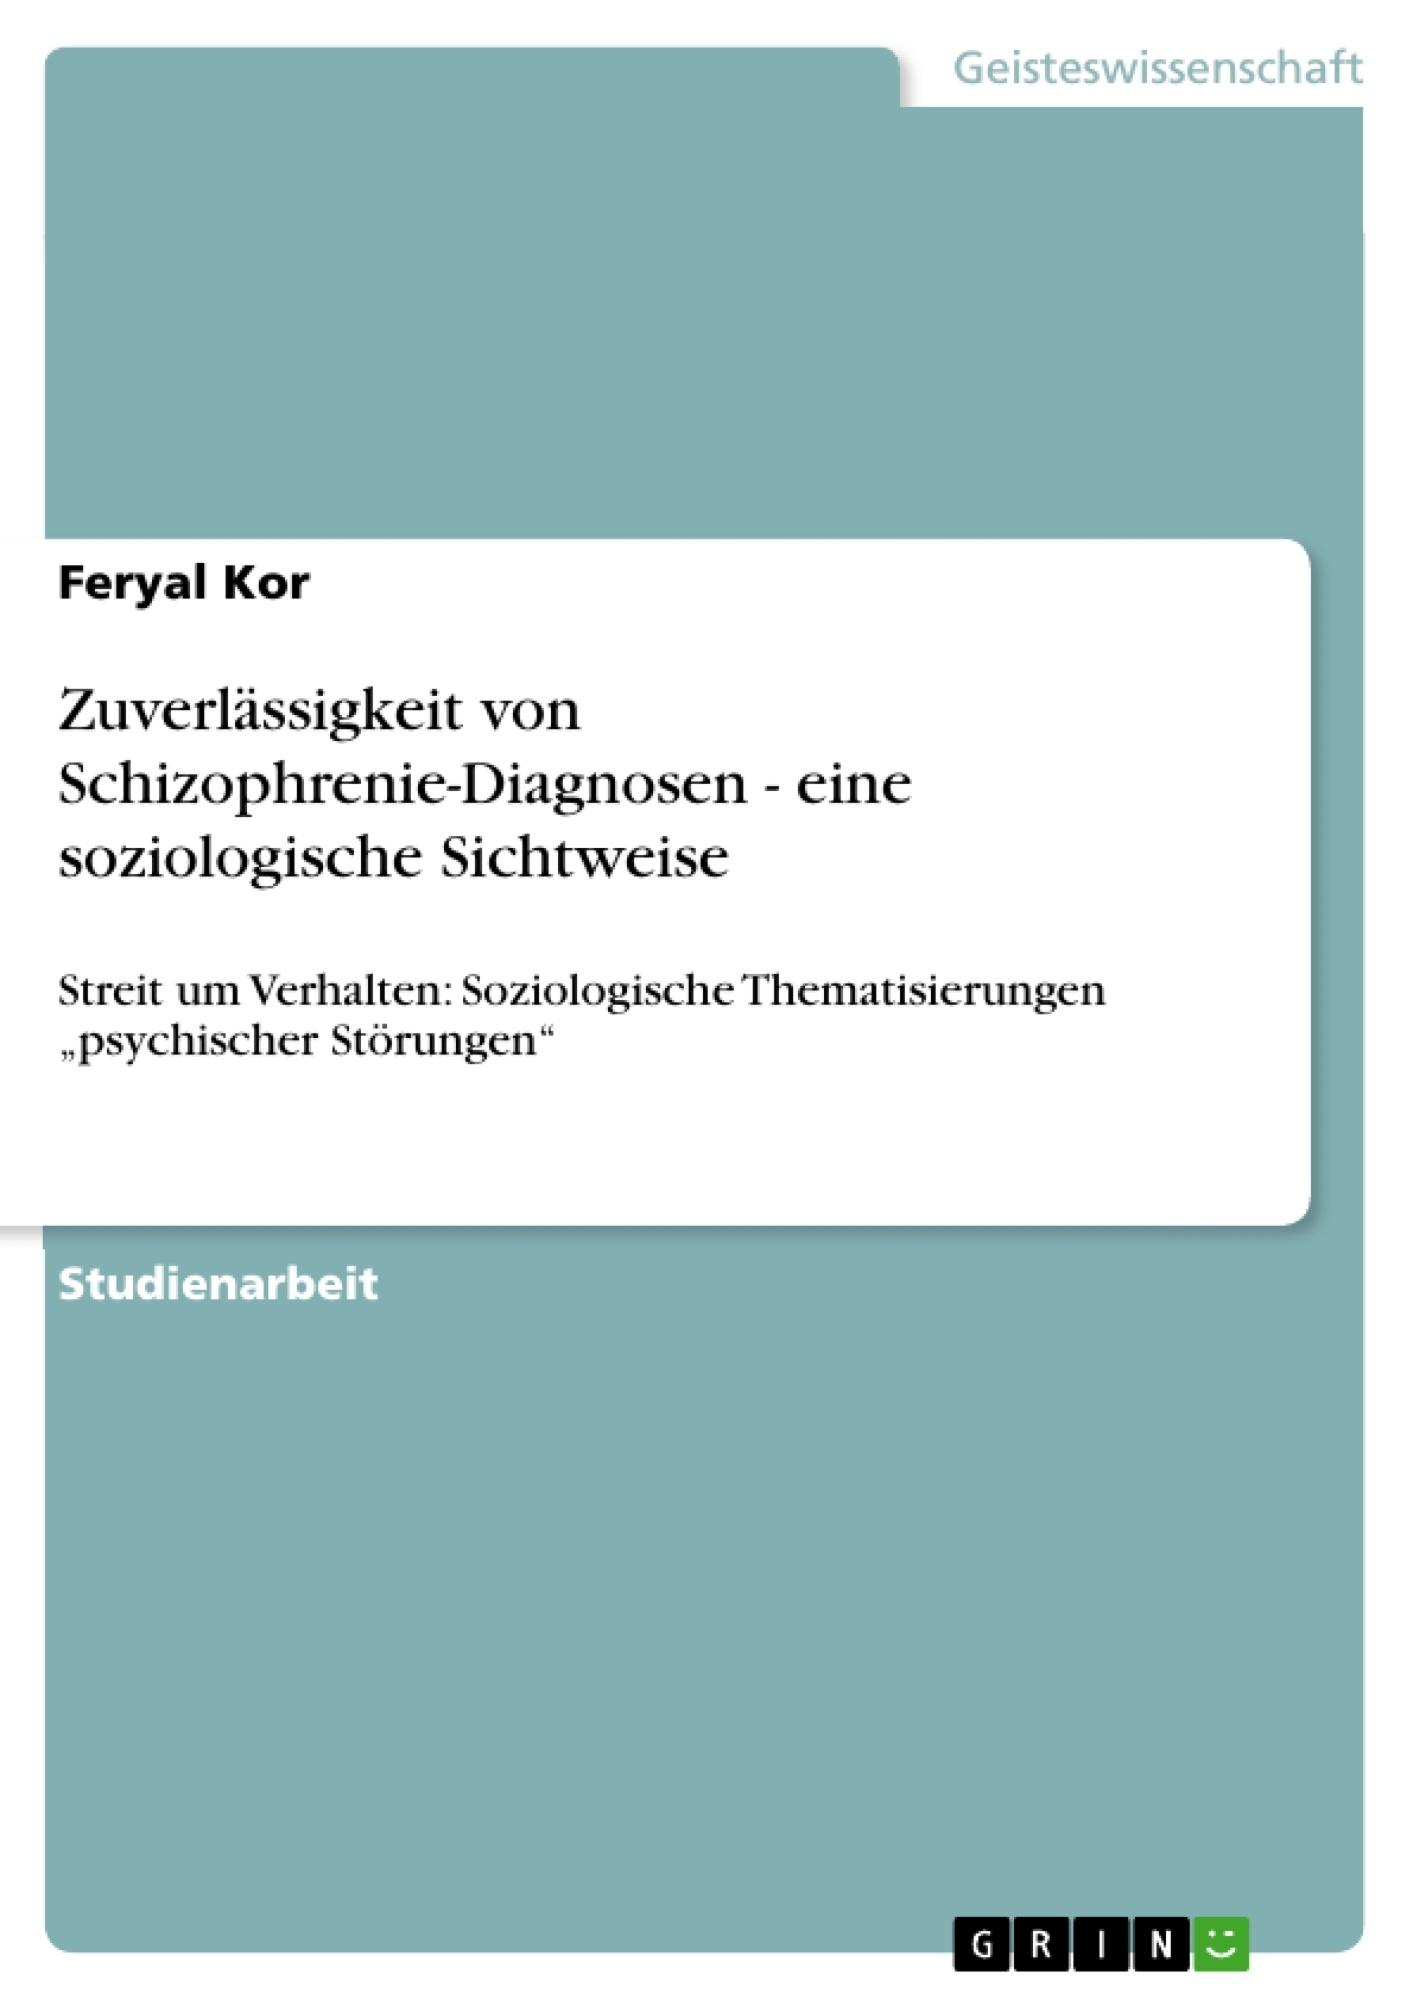 Titel: Zuverlässigkeit von Schizophrenie-Diagnosen - eine soziologische Sichtweise